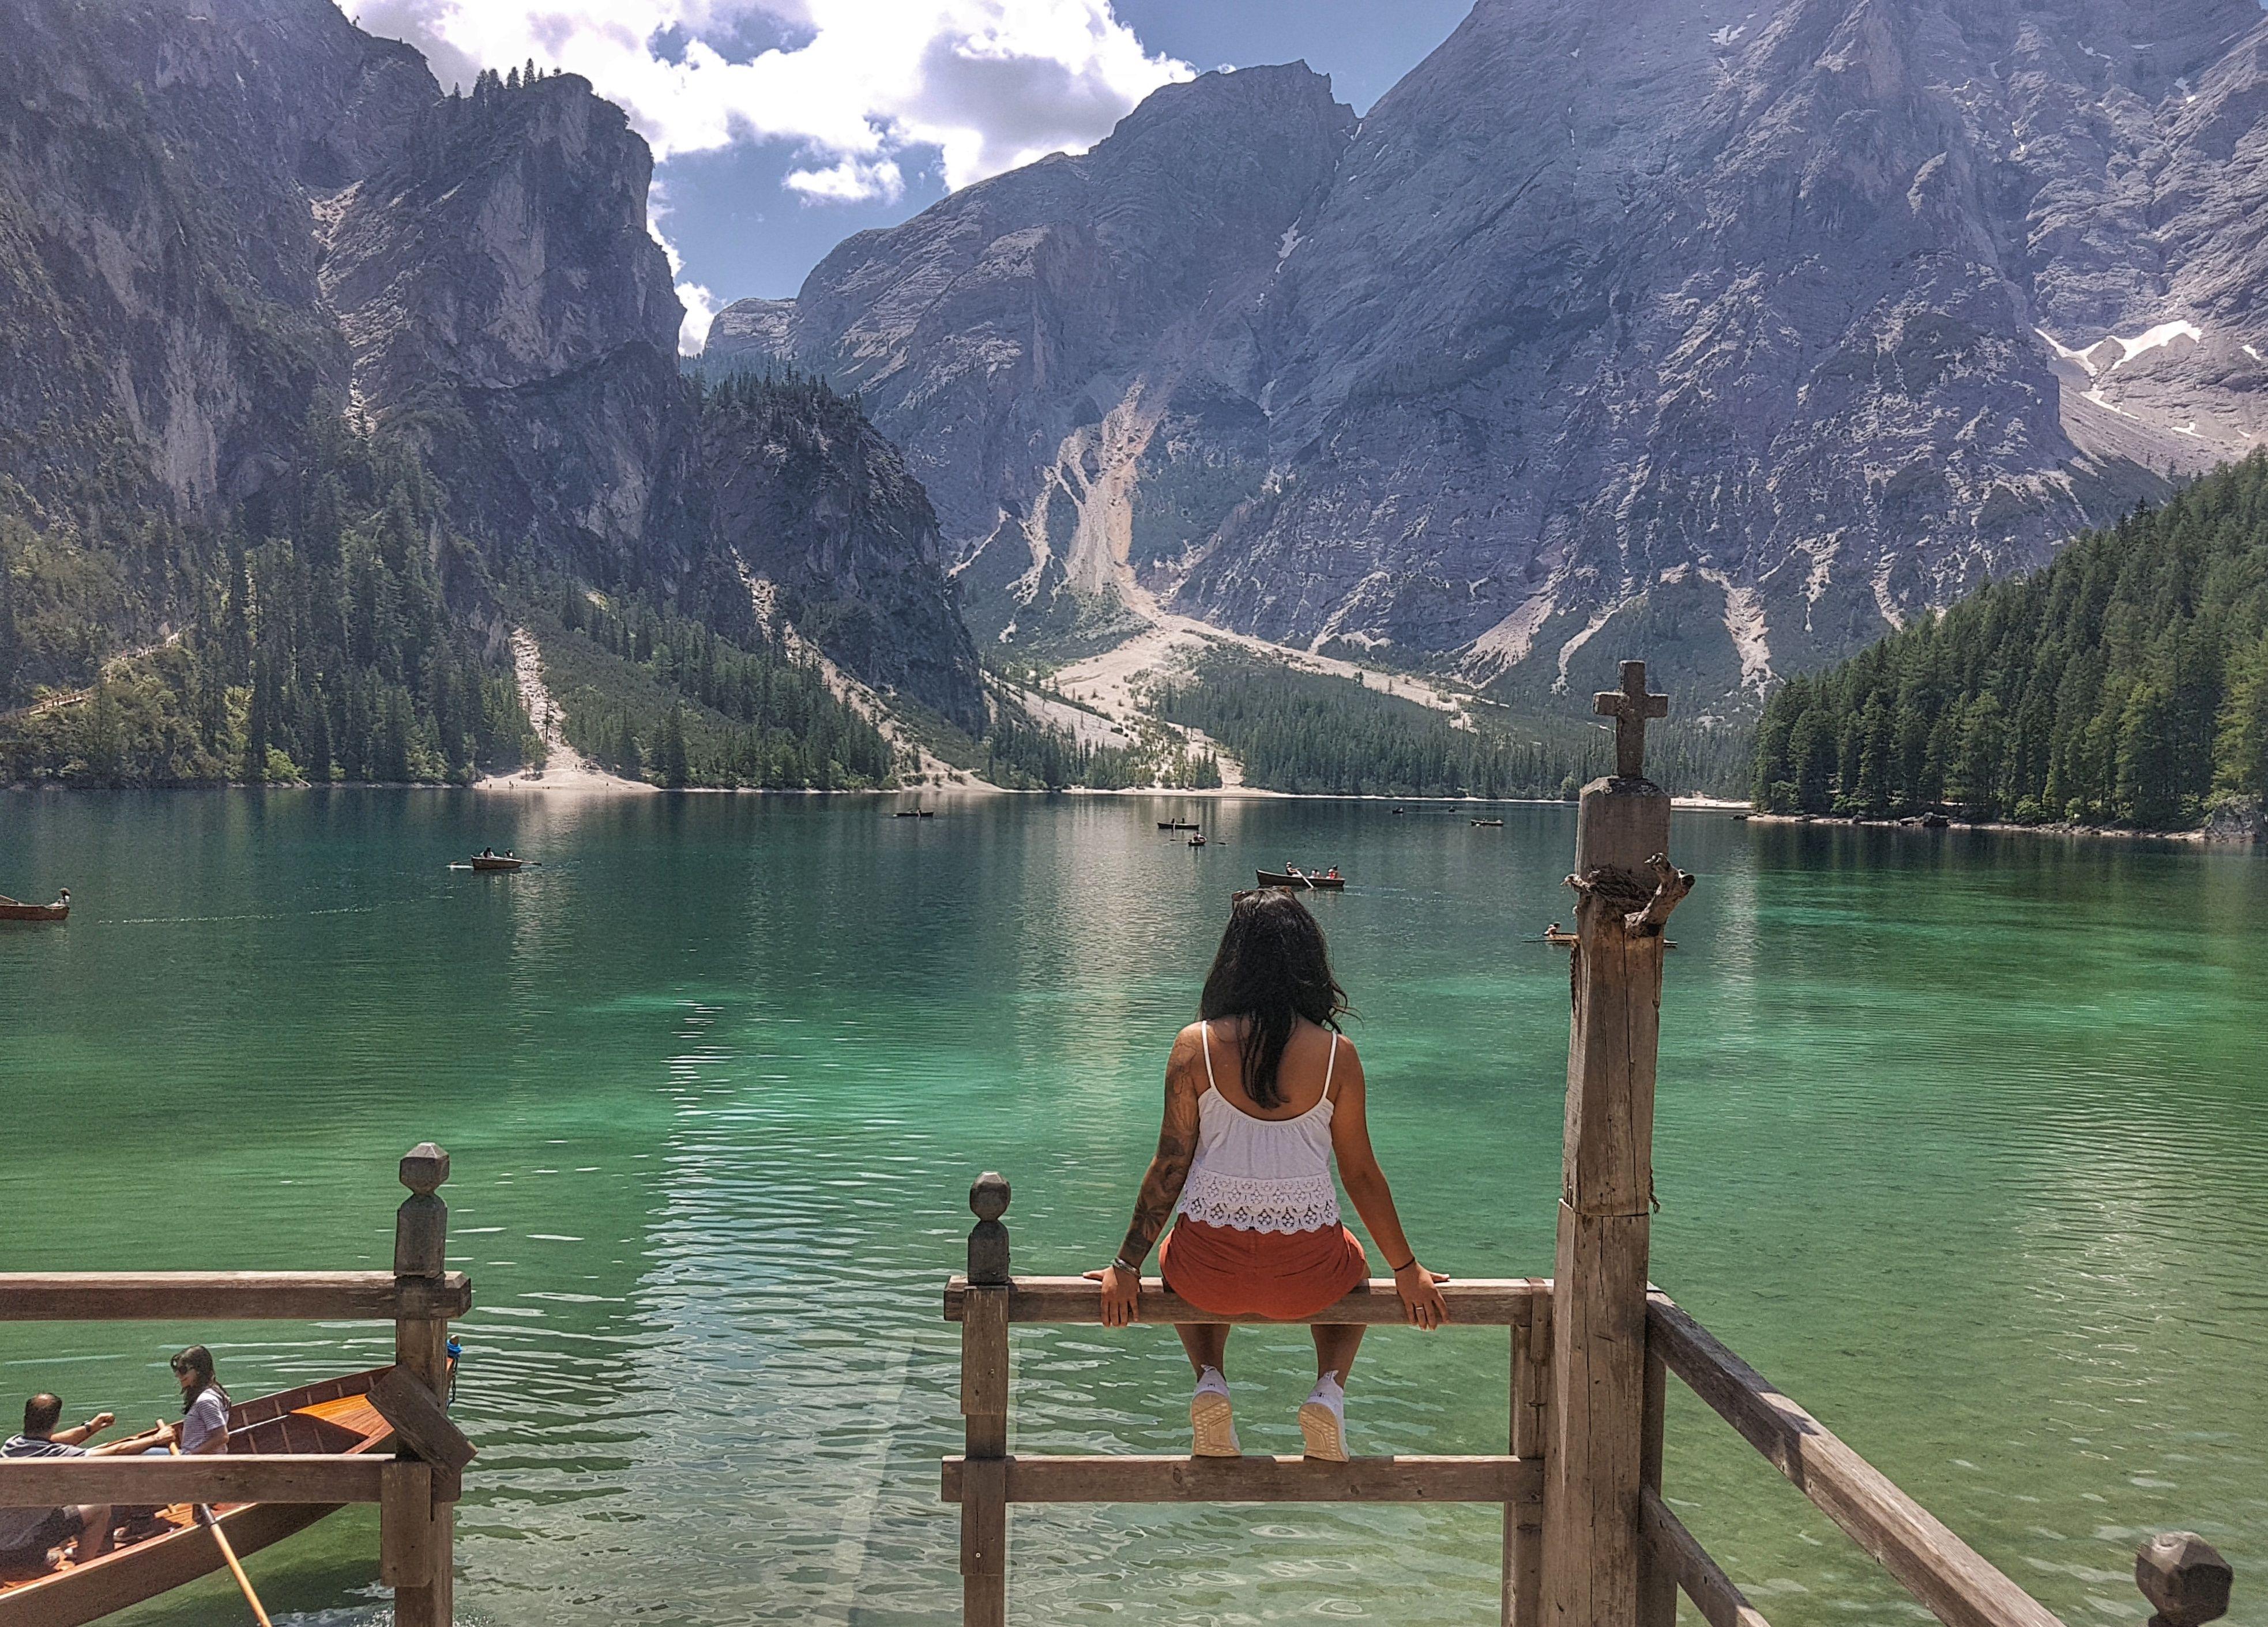 Die schönsten Seen & Berge von Südtirol Salty toes